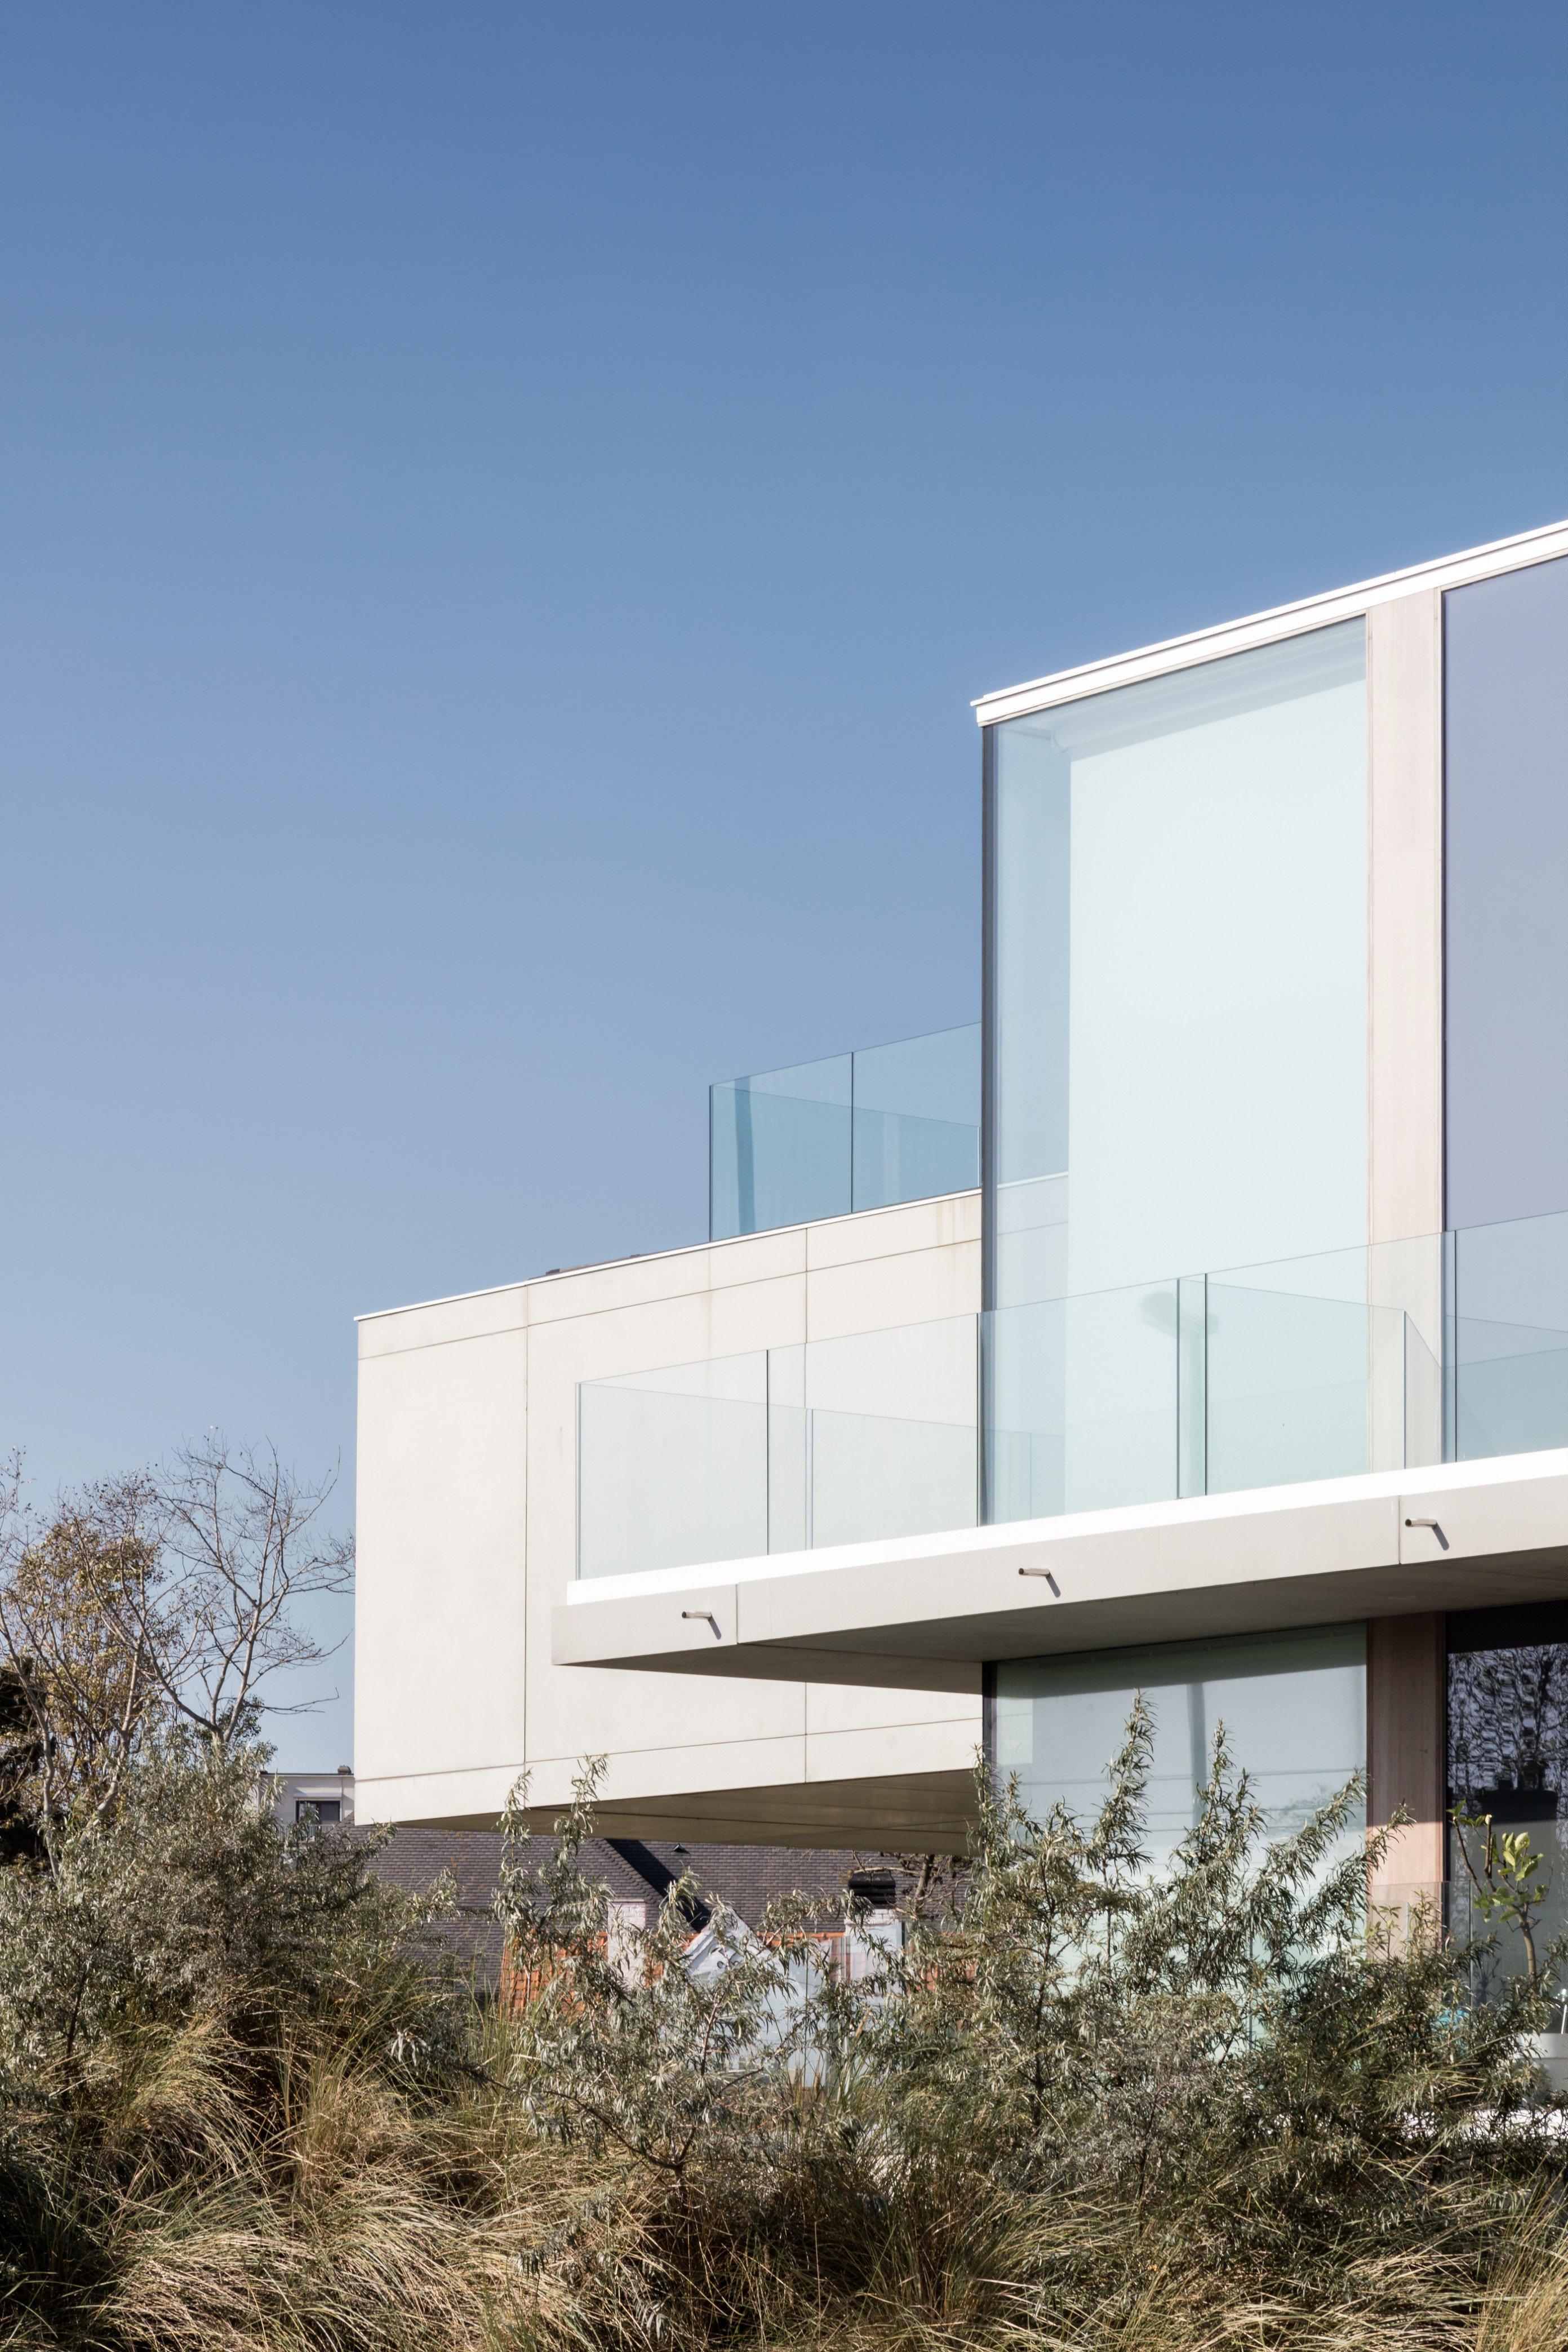 Rietveldprojects-Corbu-Koksijde-Fototimvandevelde9.jpg